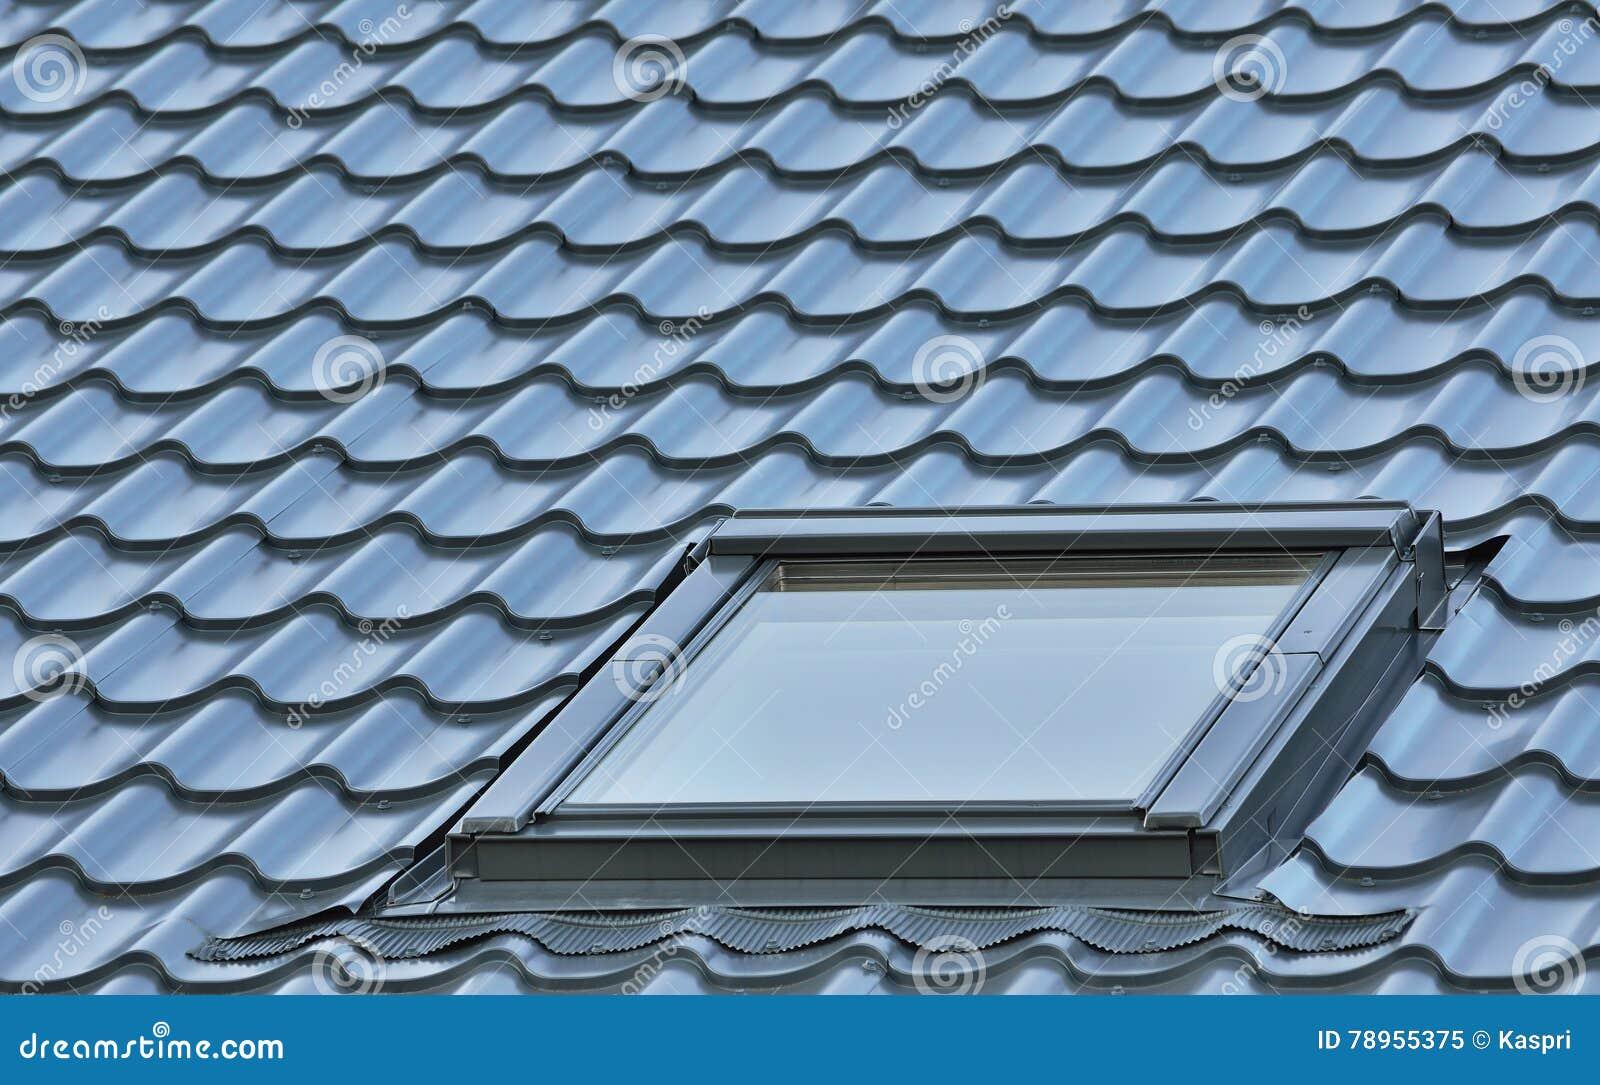 Couvrez la fenêtre, dessus de toit carrelé gris, grand fond détaillé de lucarne de grenier, modèle diagonal de toiture